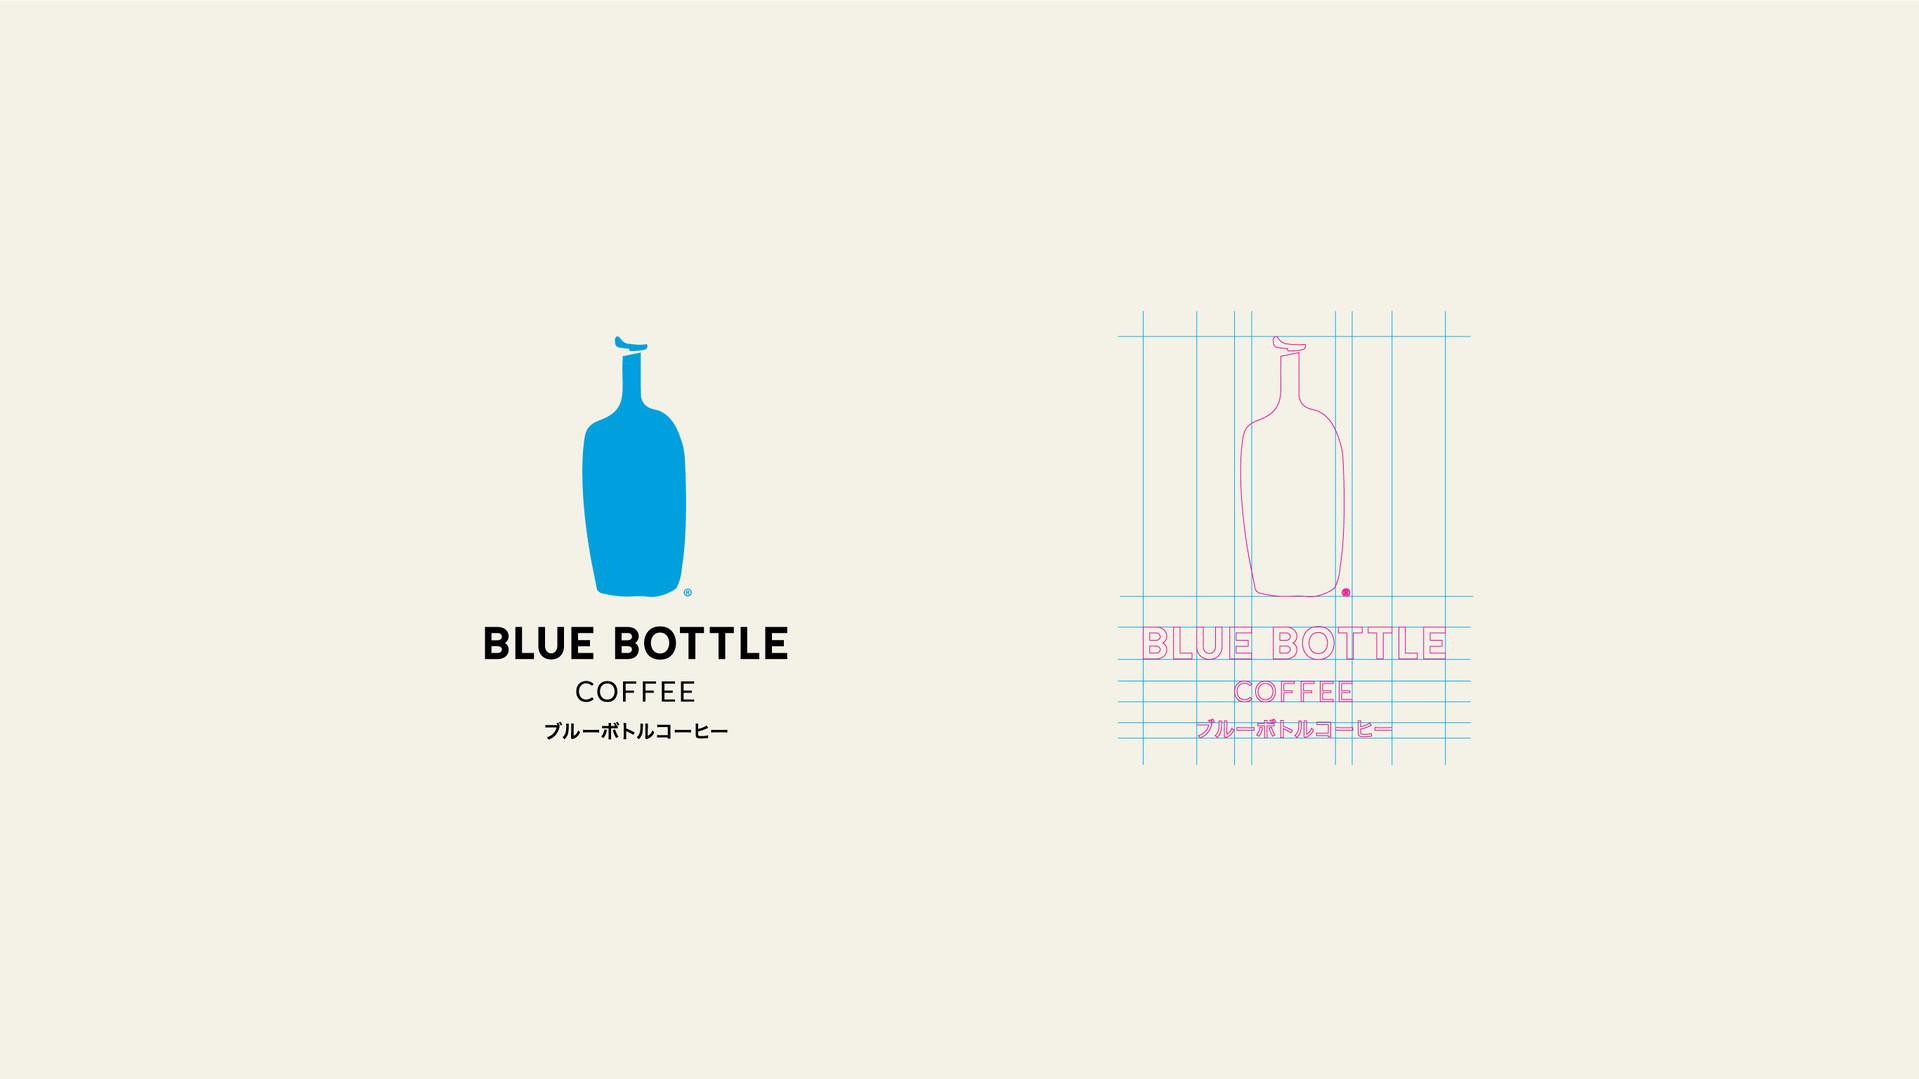 bluebottlecoffee.jp